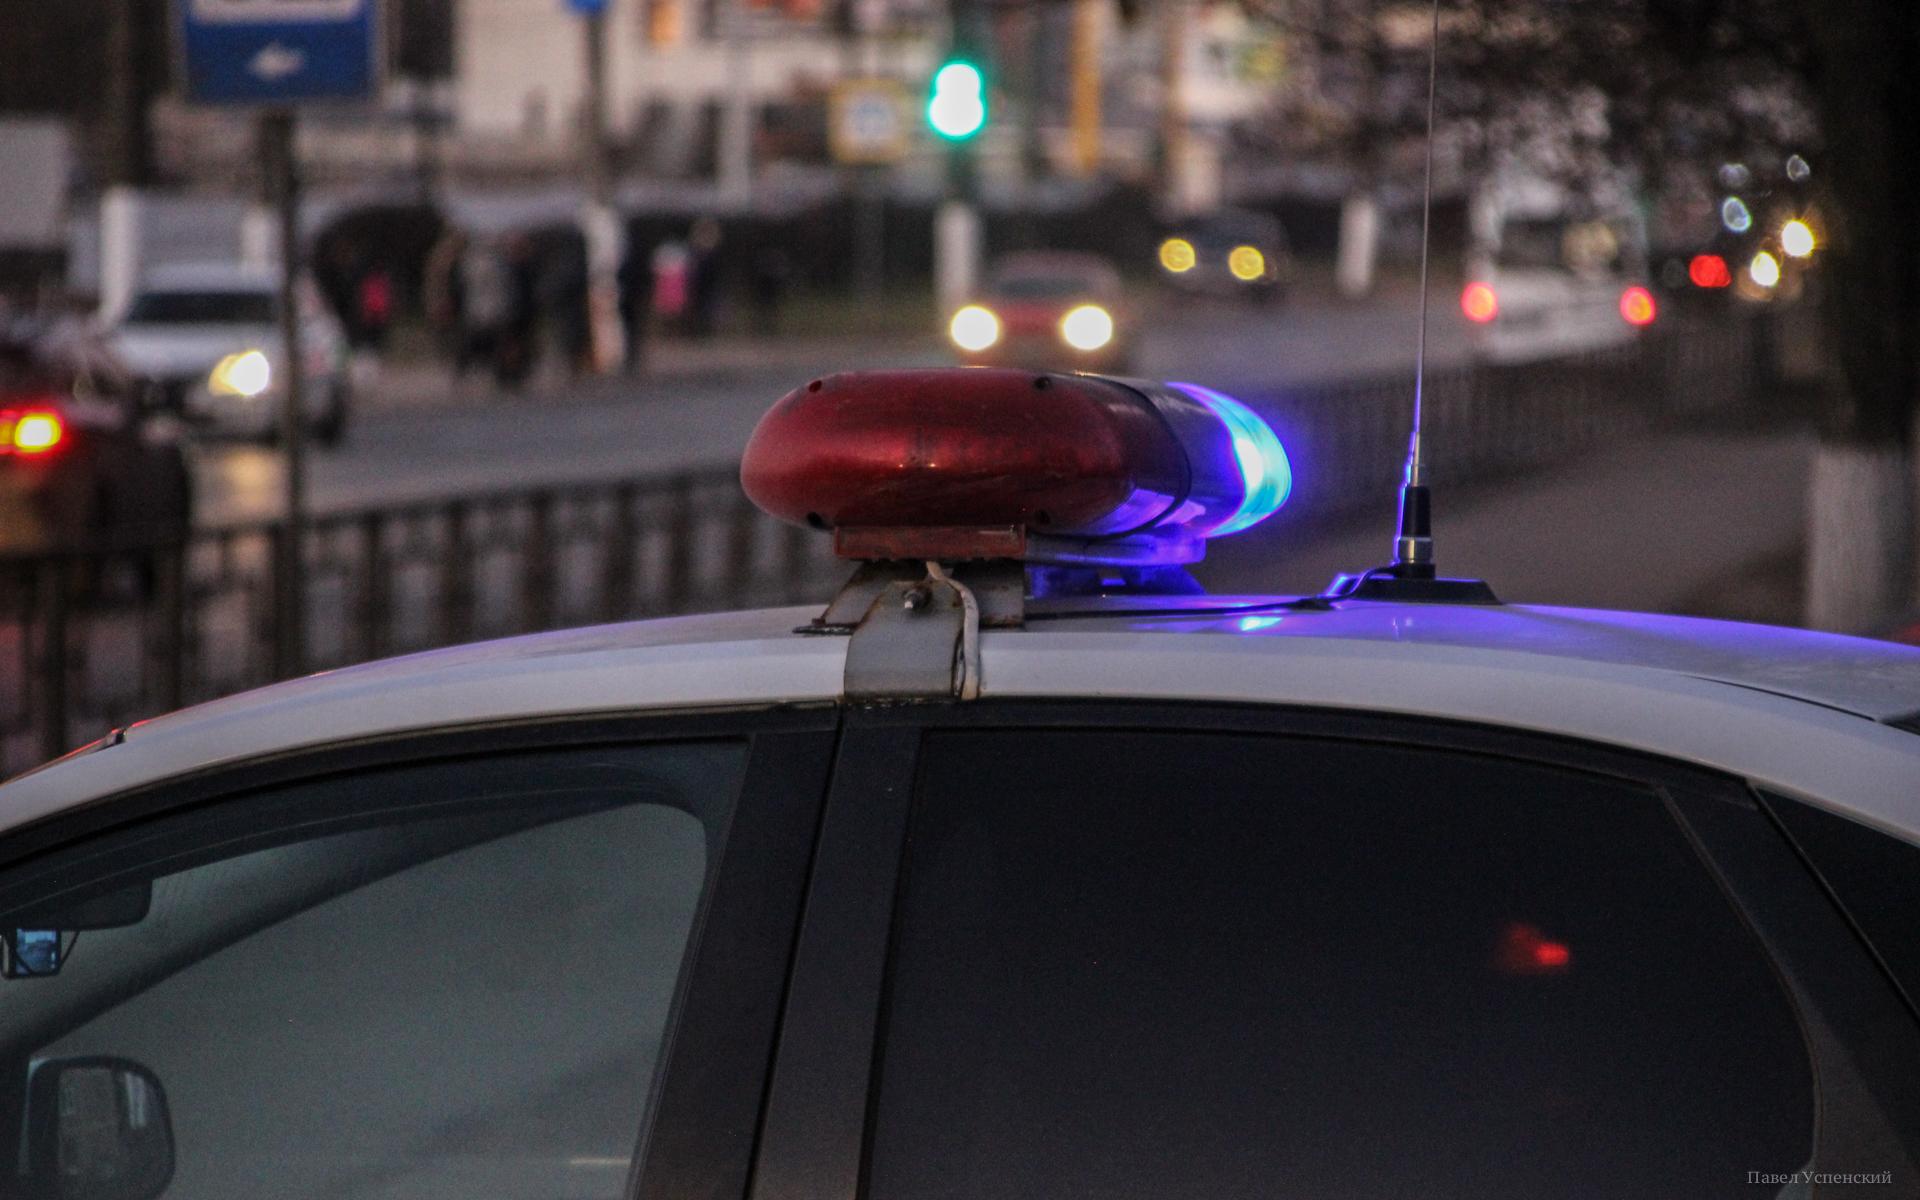 Два грузовика столкнулись на М10 в Тверской области, есть пострадавший - новости Афанасий